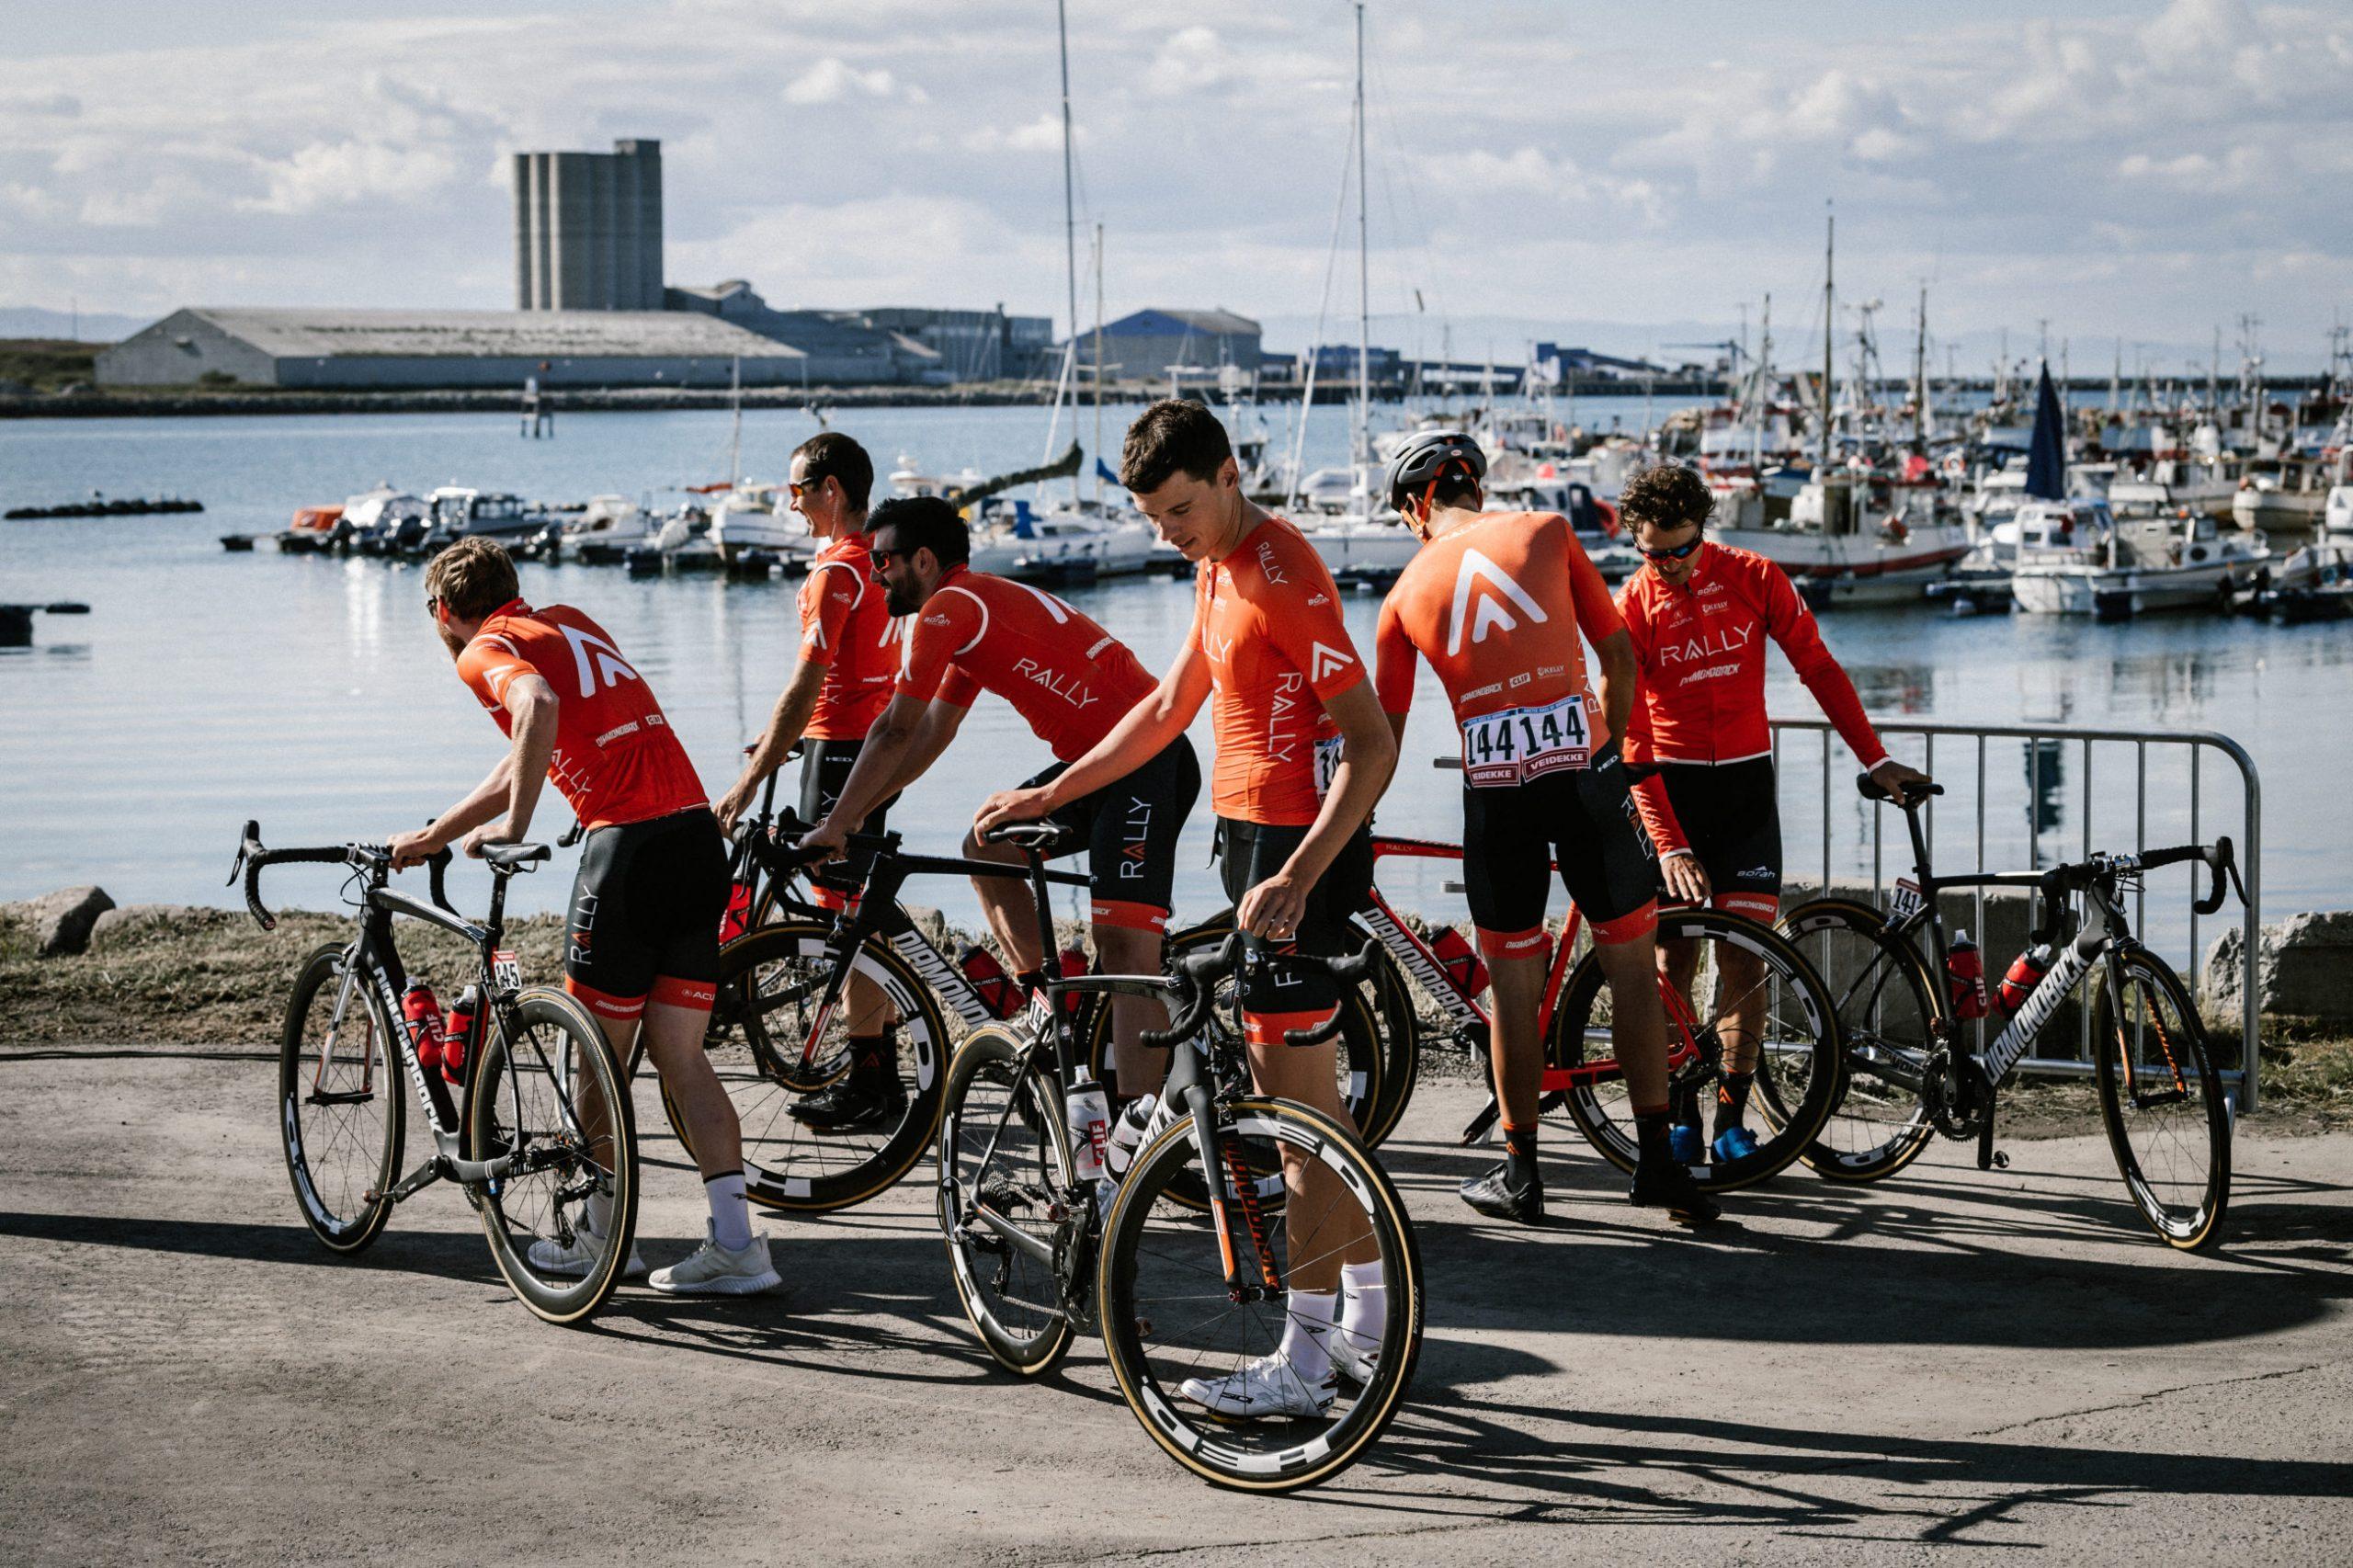 Ishavsfiskerne dro ut for å skaffe sykkelslange